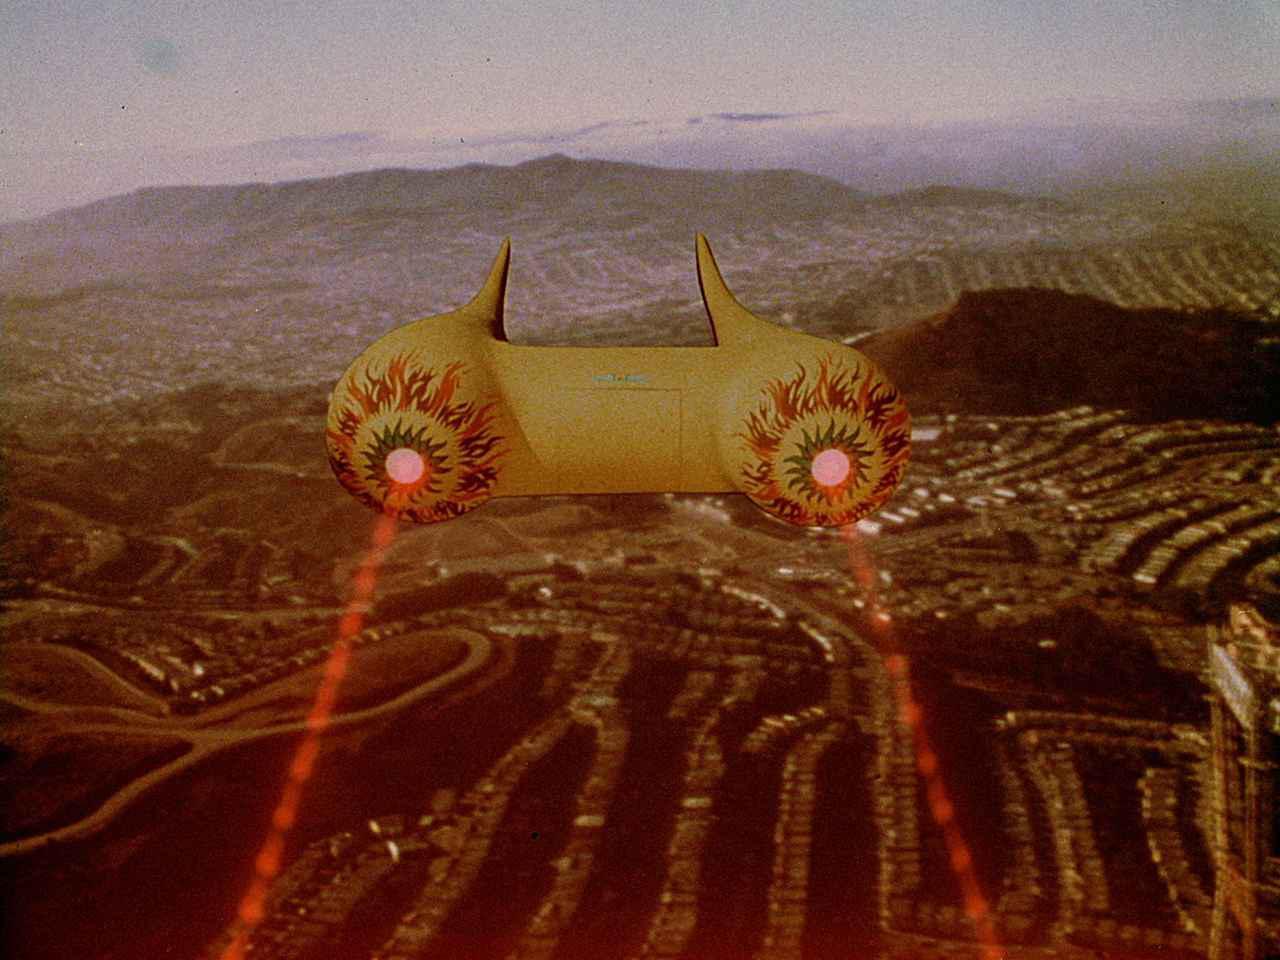 画像4: © A North American Star System Production / Rapid Eye Movies